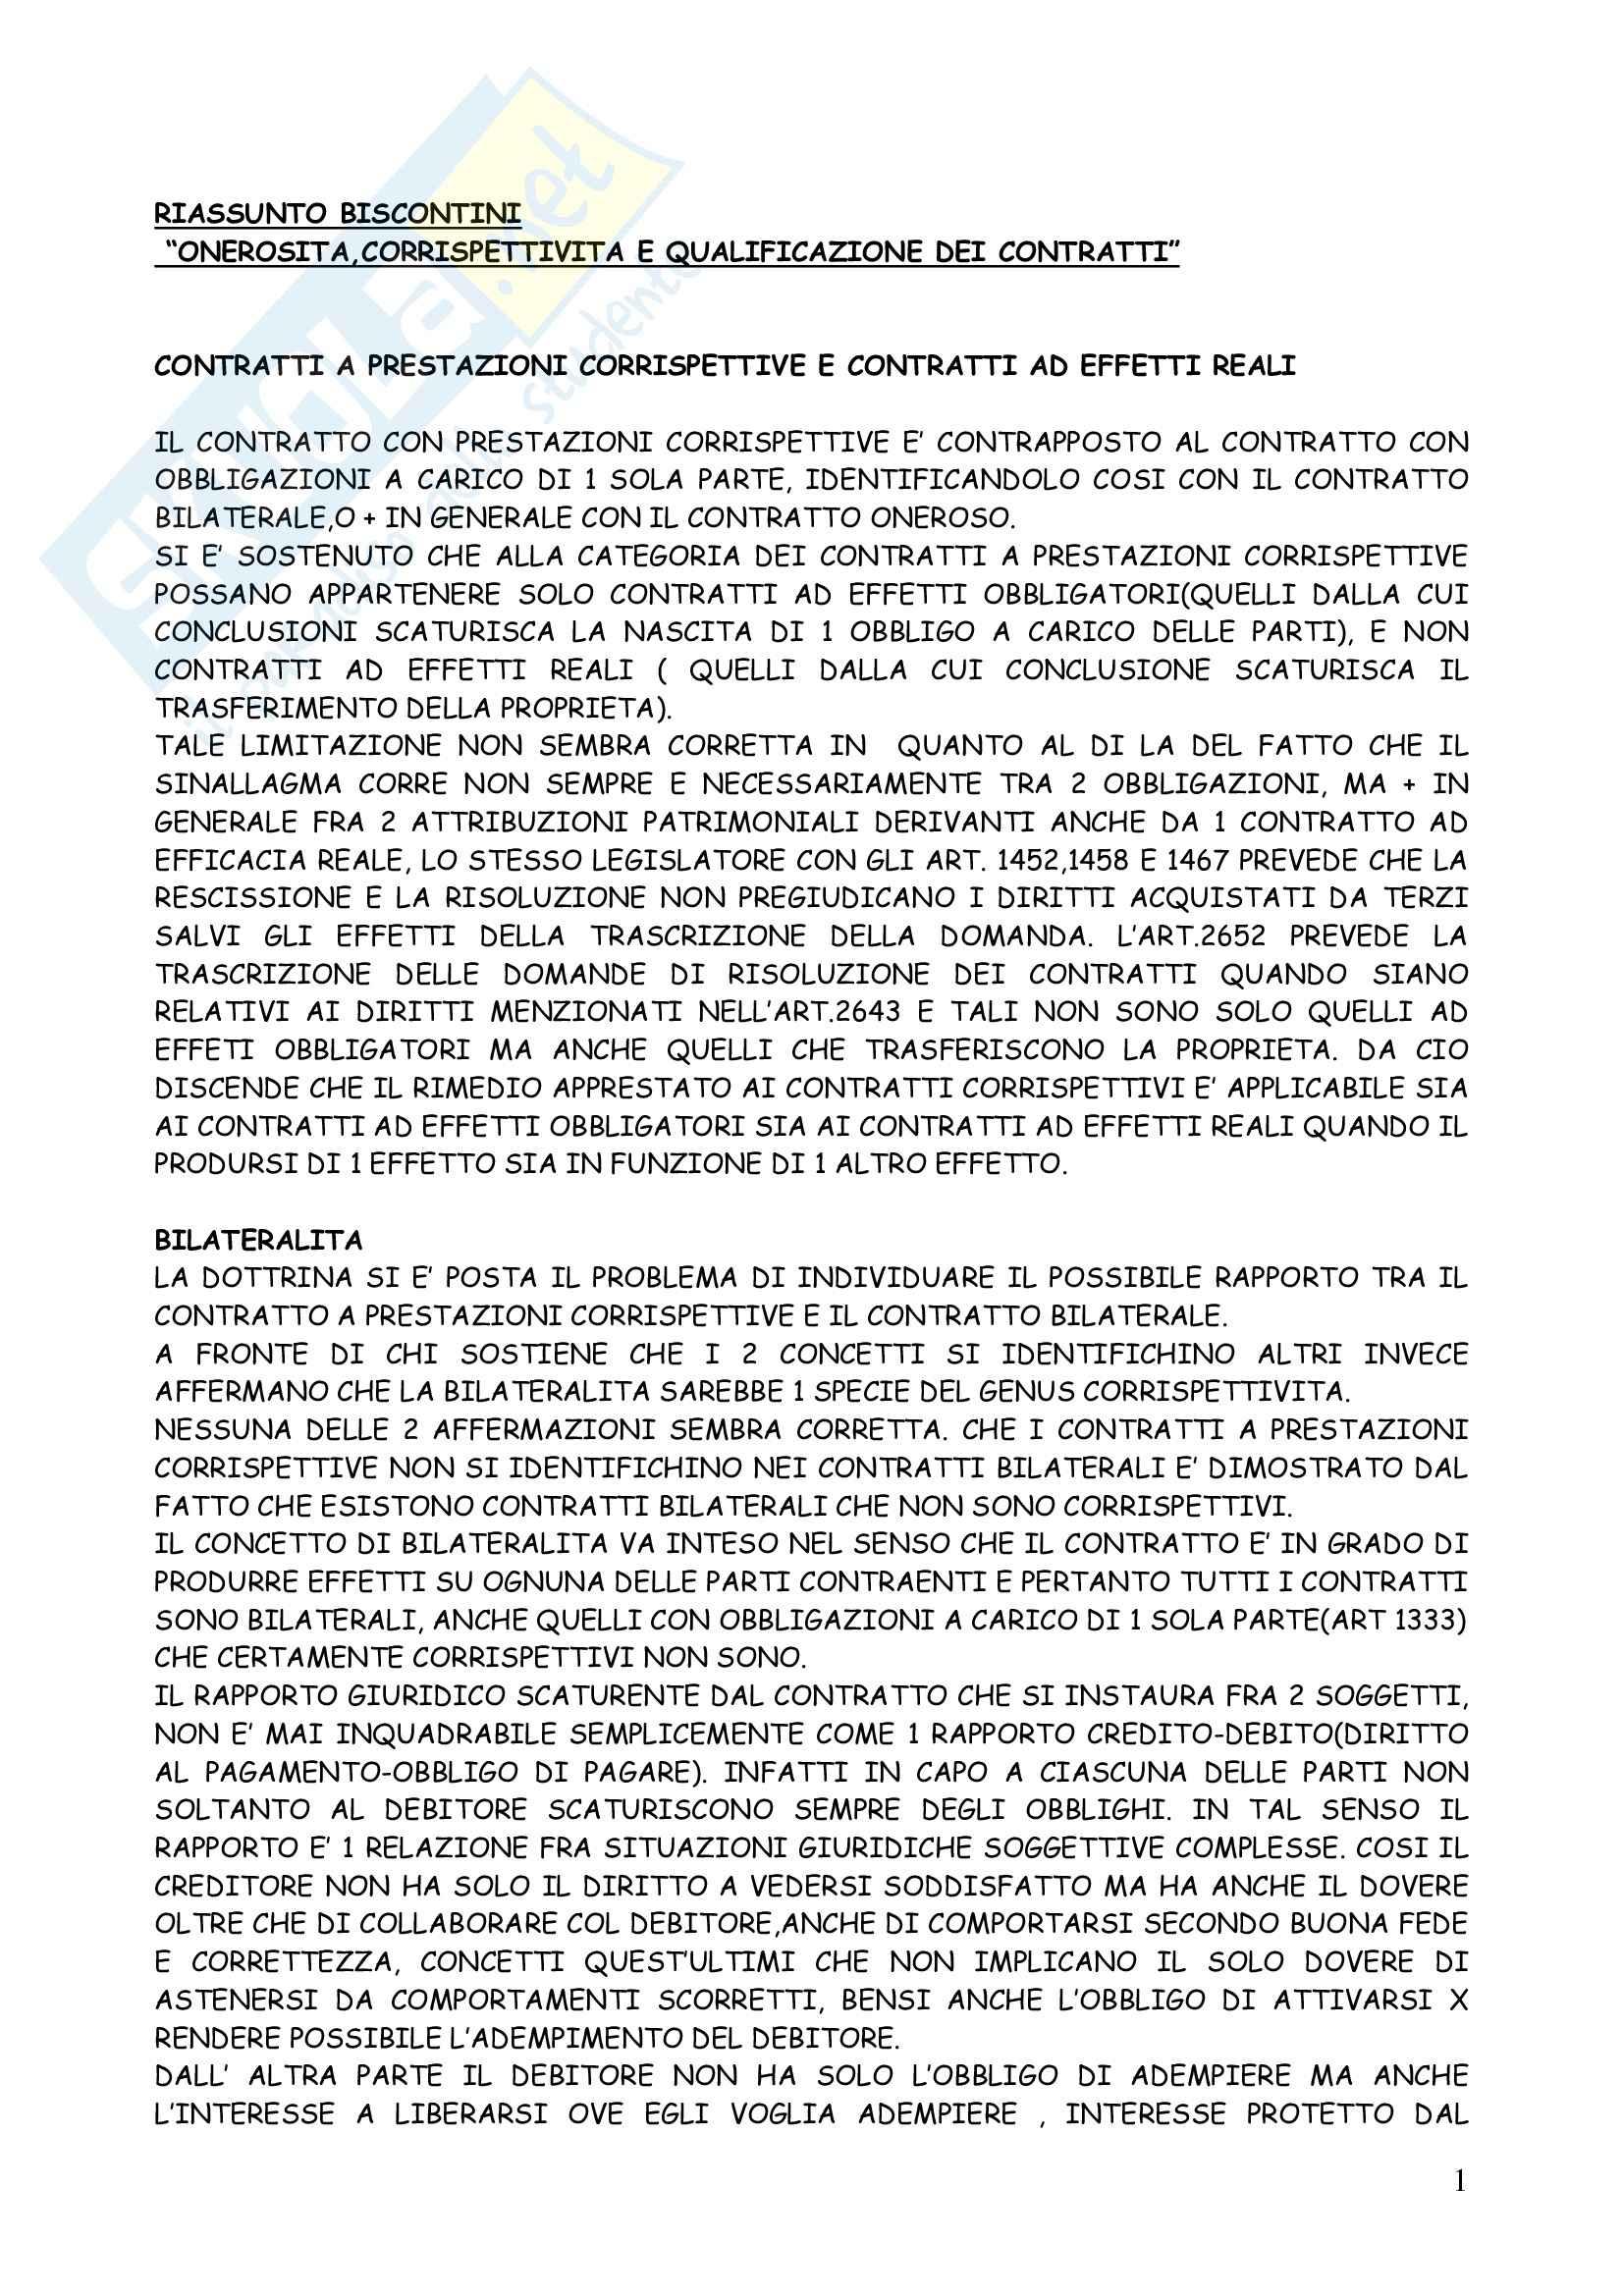 Diritto civile - la qualificazione dei contratti